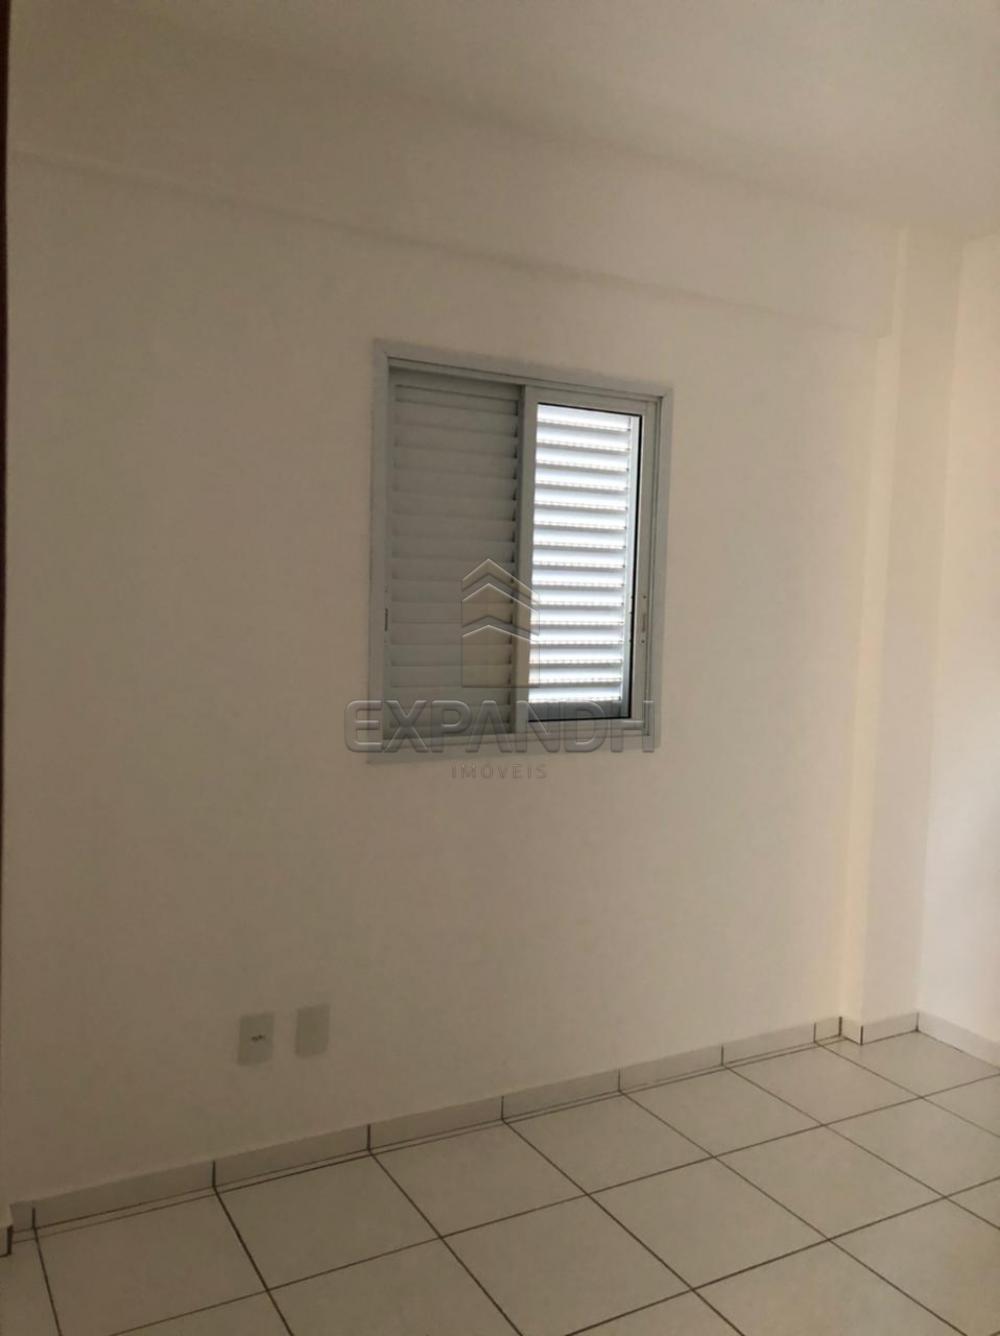 Alugar Apartamentos / Padrão em Sertãozinho R$ 1.200,00 - Foto 5